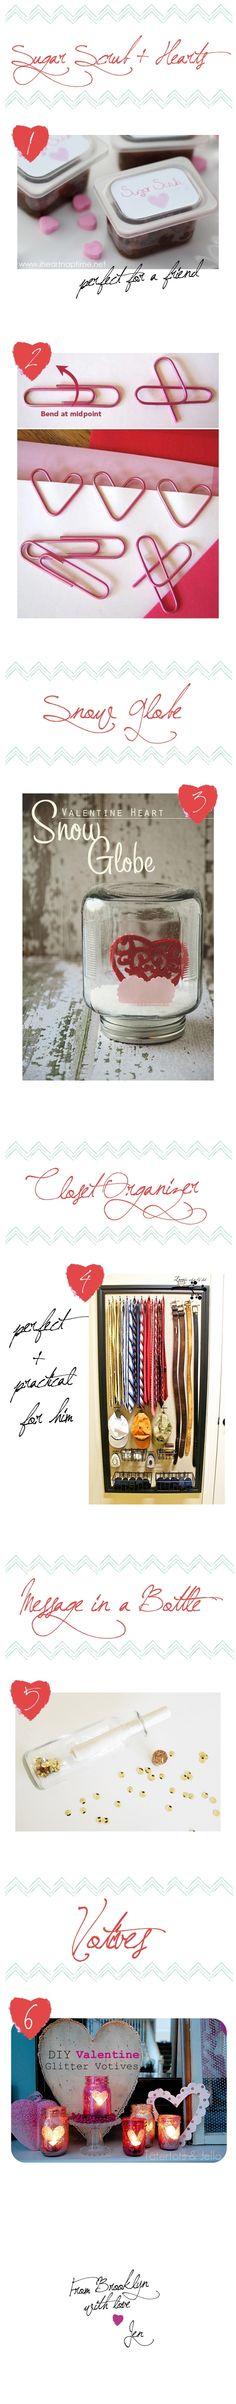 DIY Valentine's Day Gifts #crafts